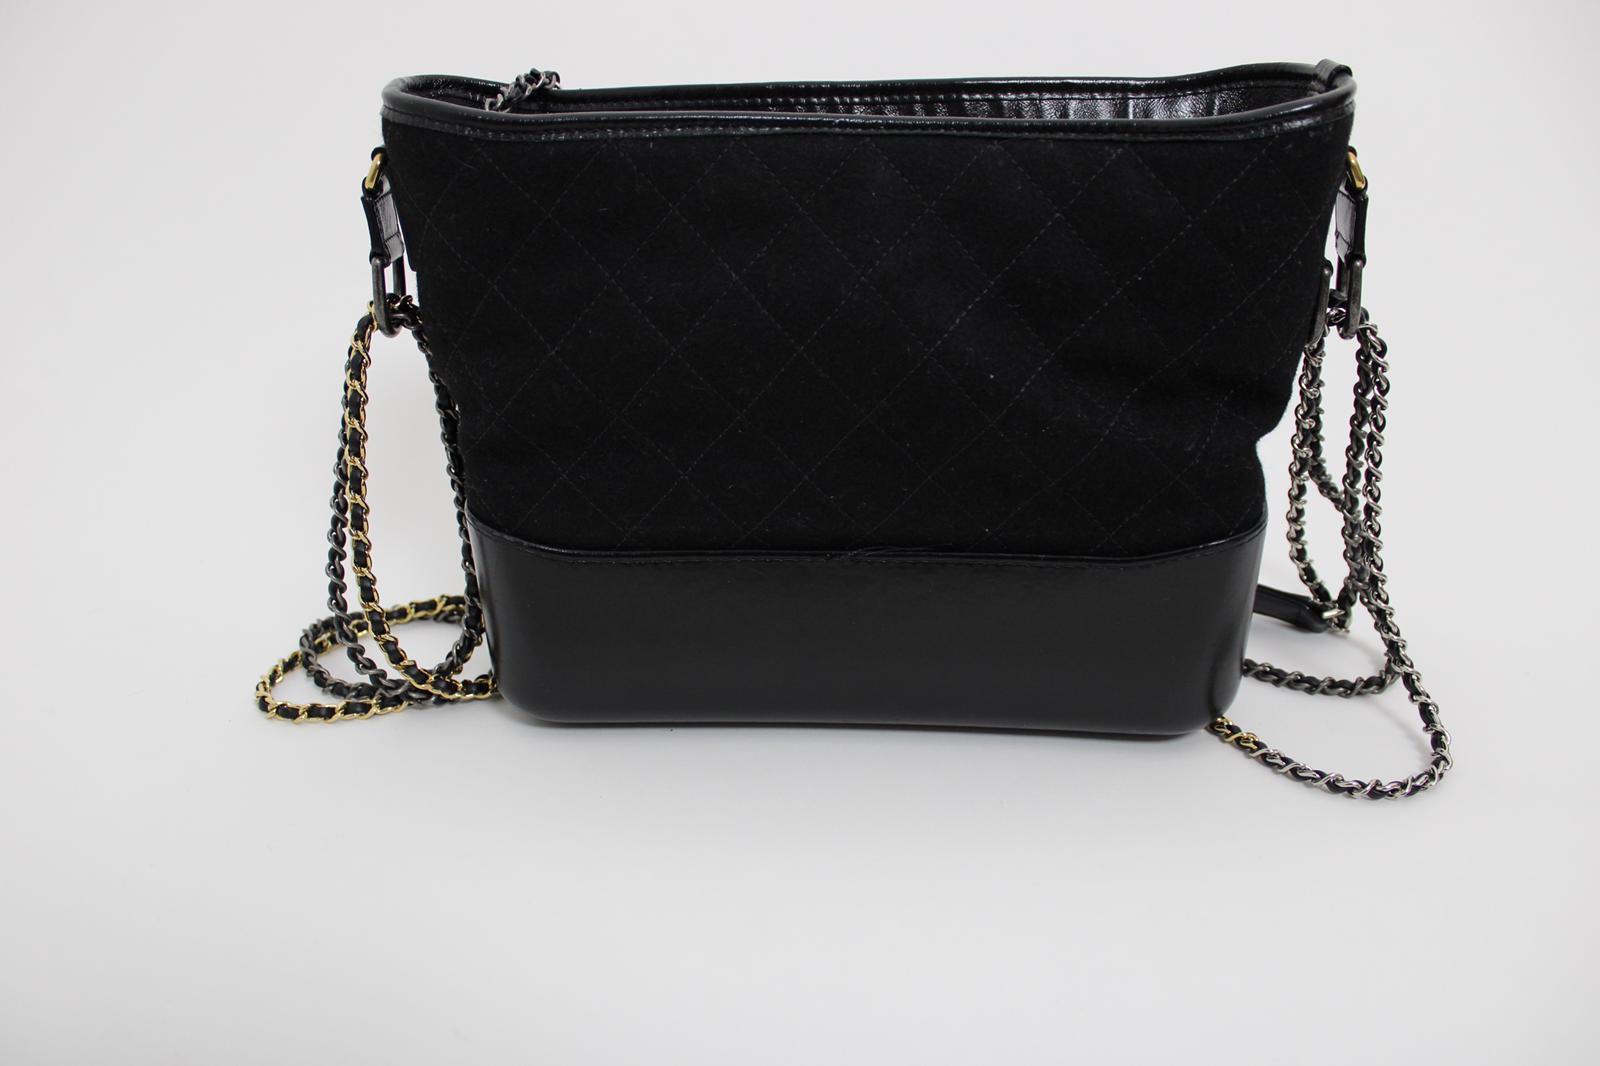 Chanel Gabrielle Coco Crossbody bag